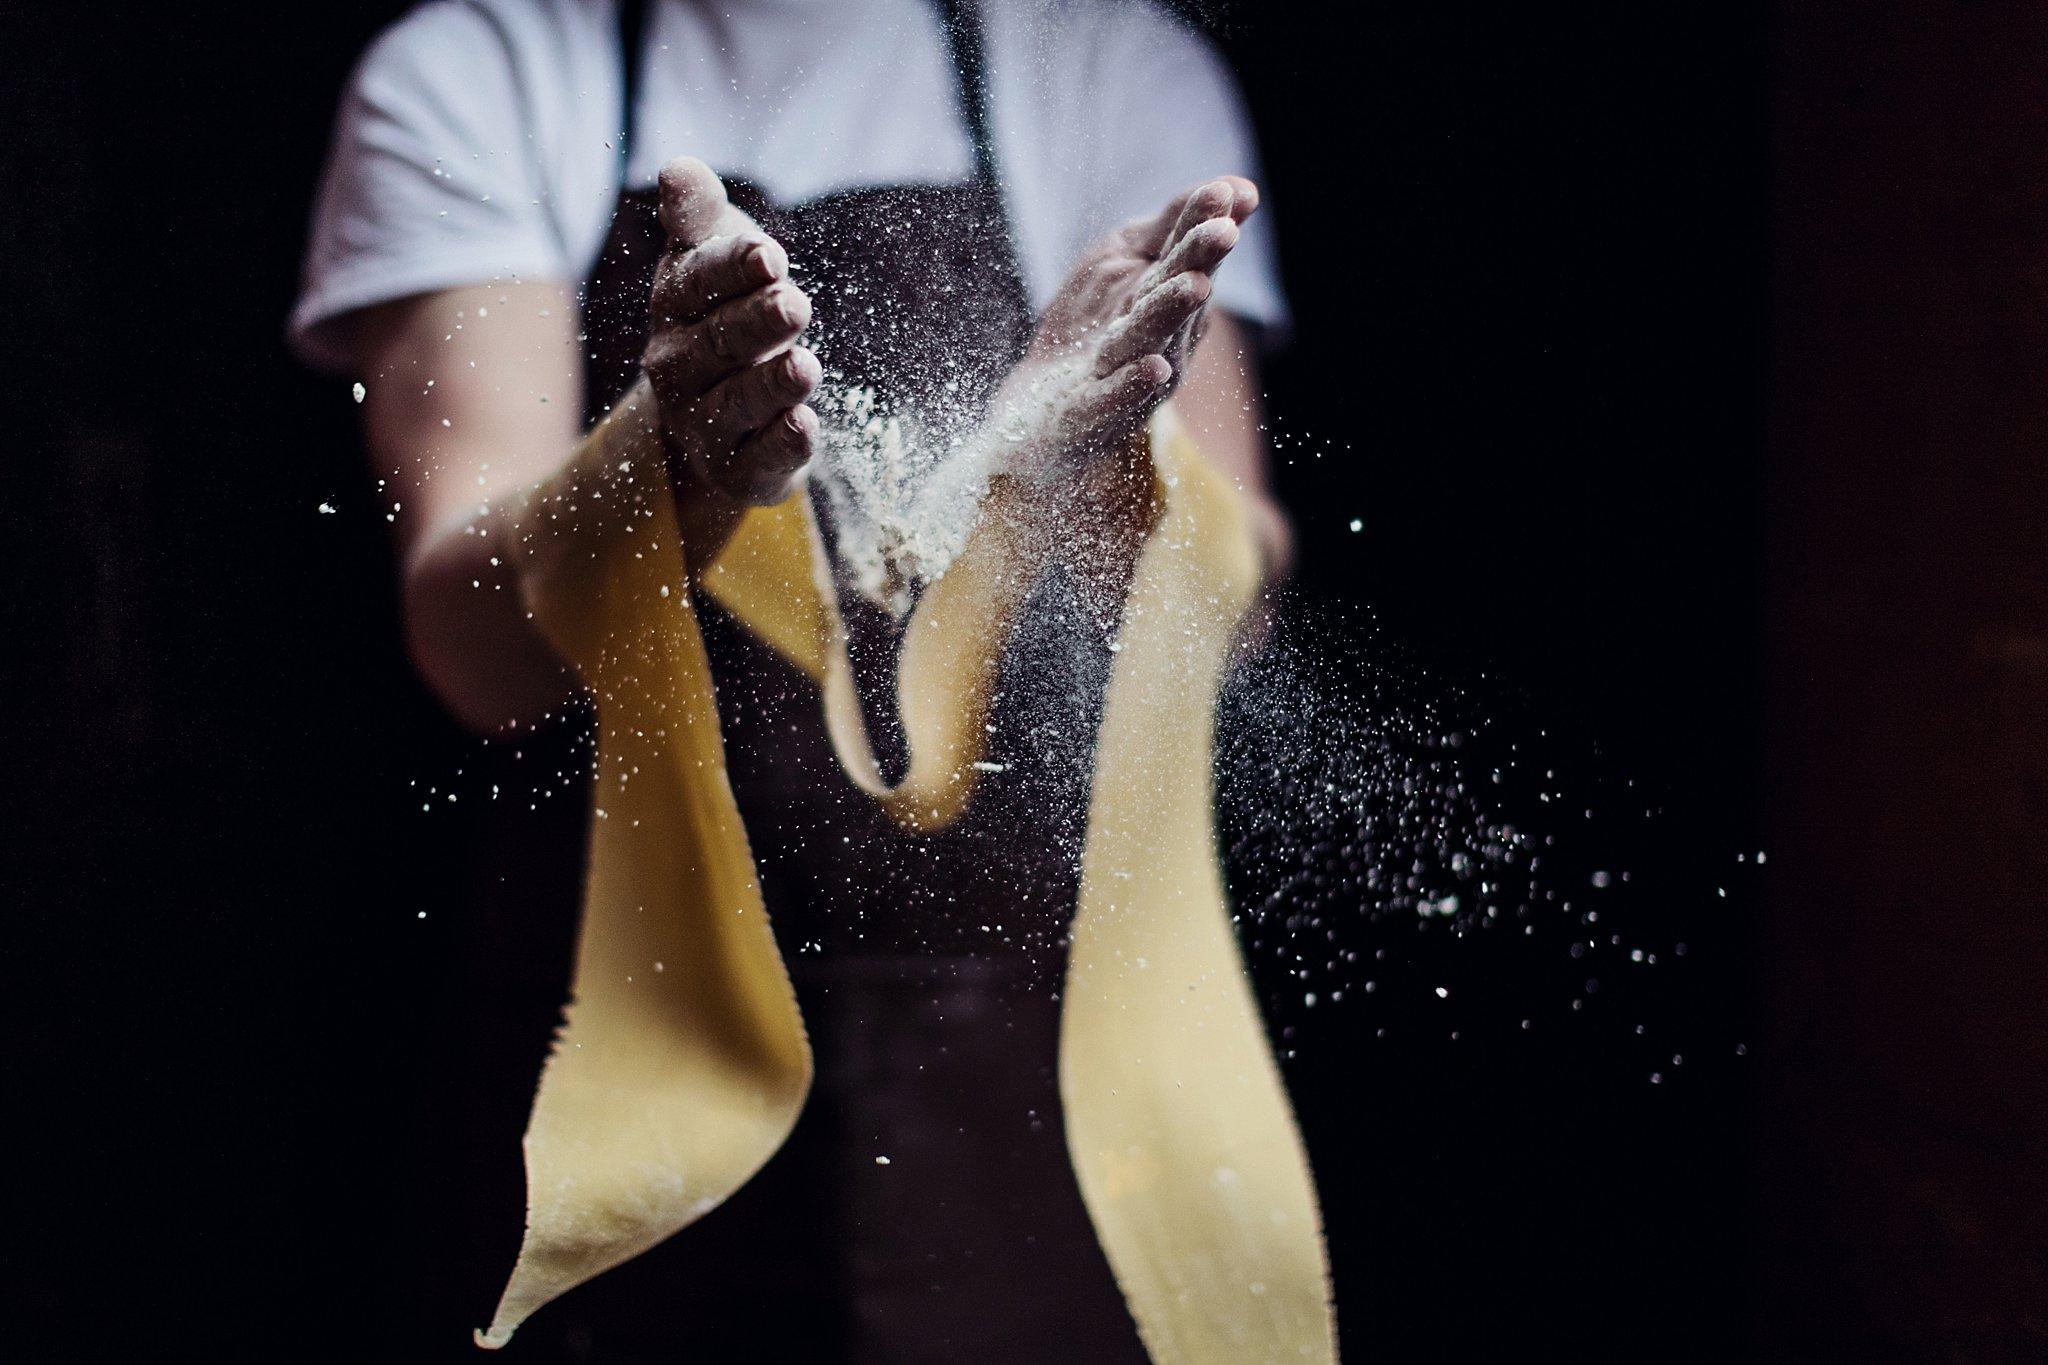 Hand making pasta